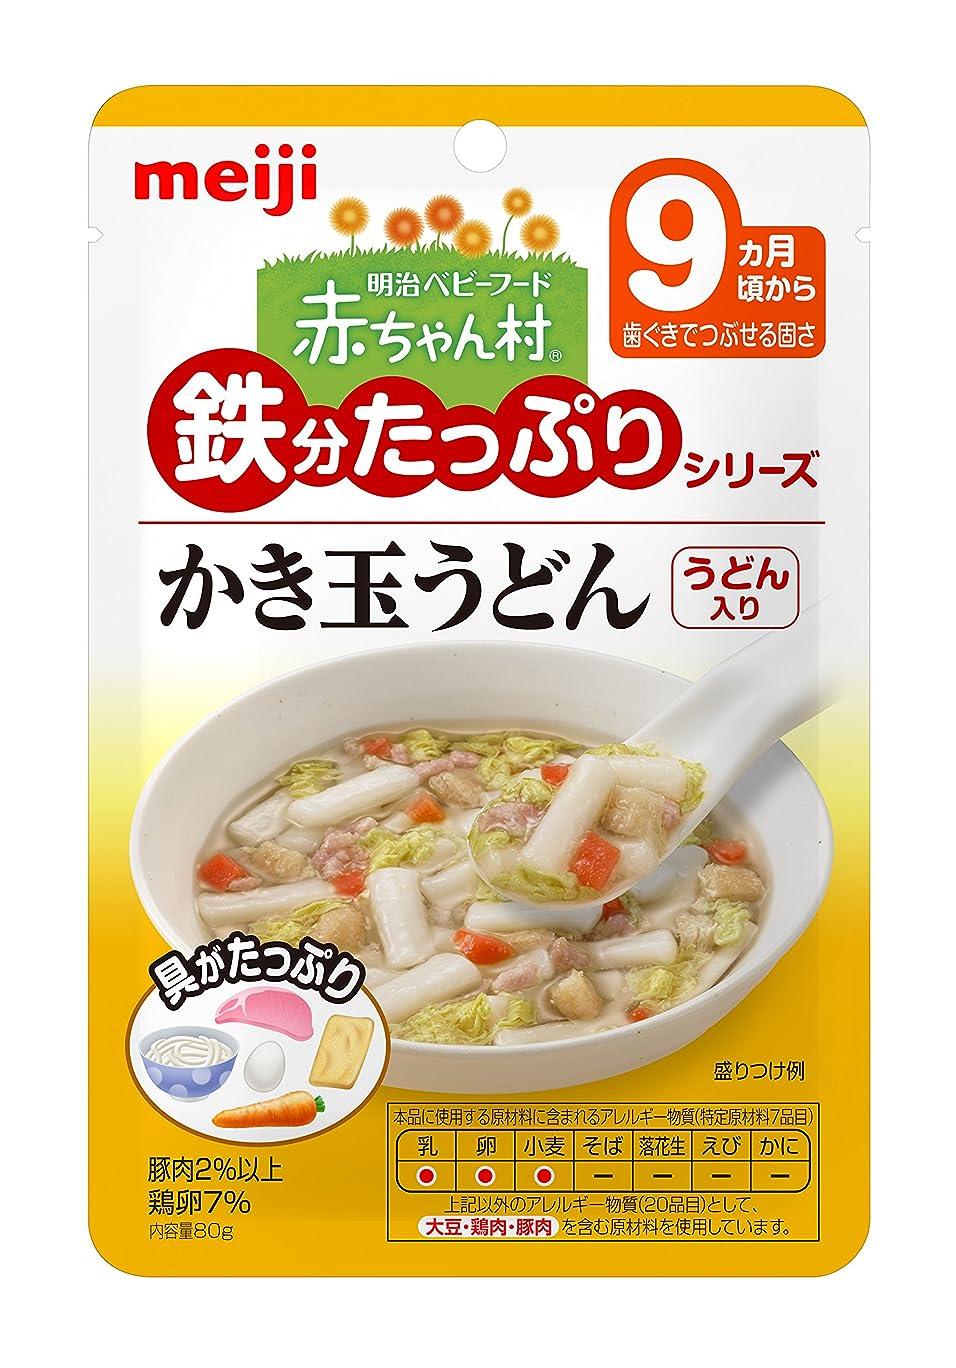 お客様列車イノセンスカット済みで簡単調理?カットそうめん-にんじん麺 2袋セット(無添加?減塩)//モグモグ赤ちゃん